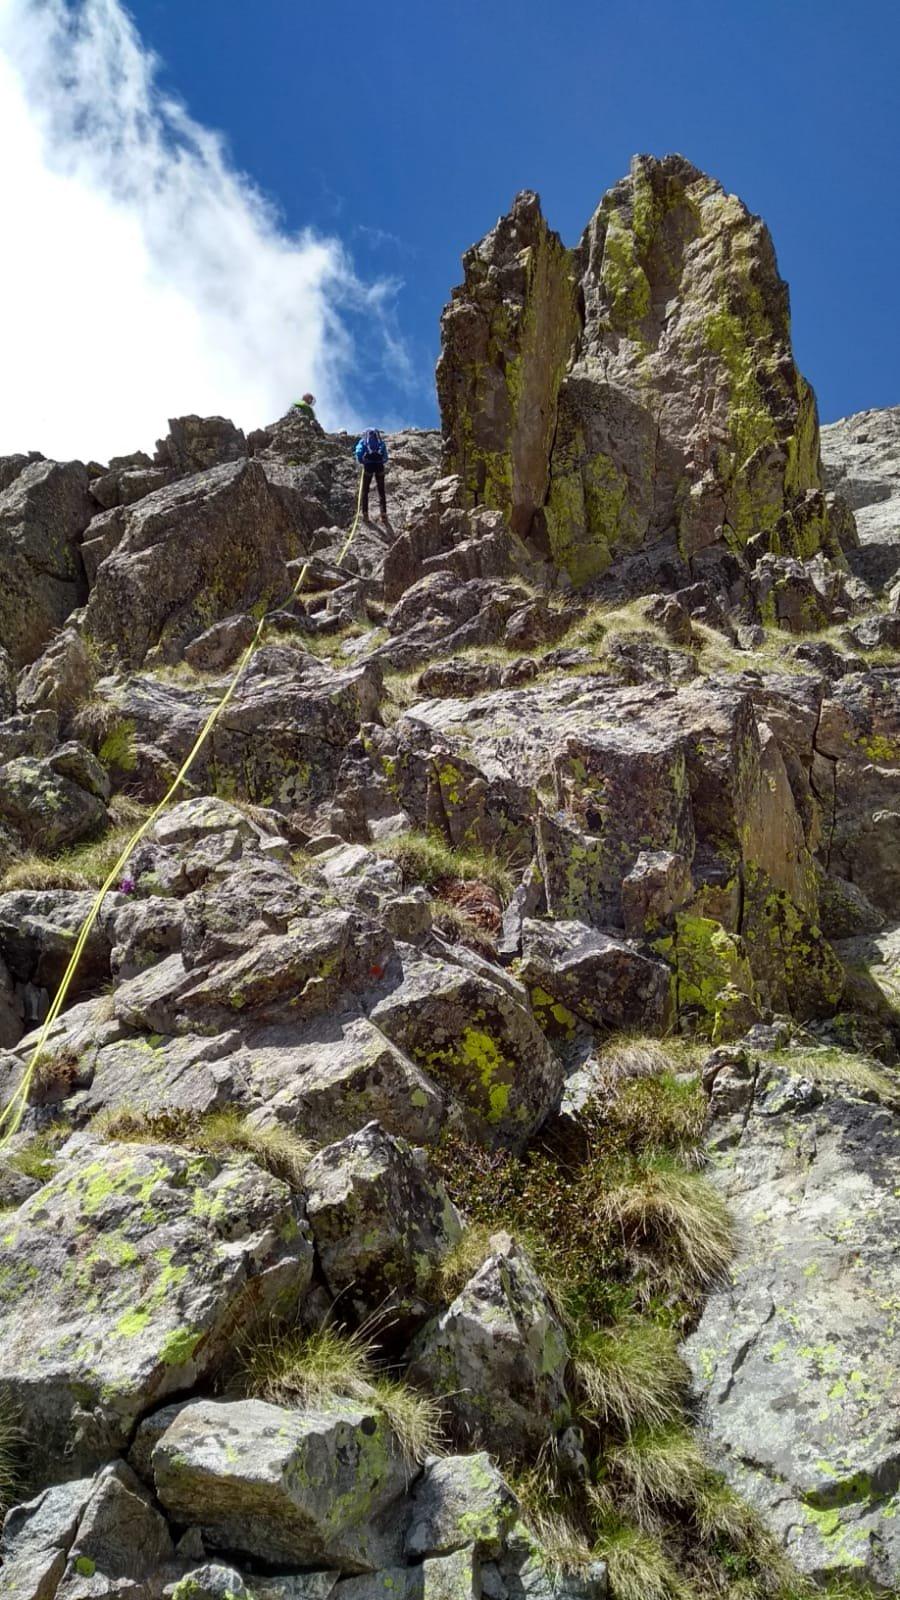 L'ultima calata in direzione Passo del Chiapous